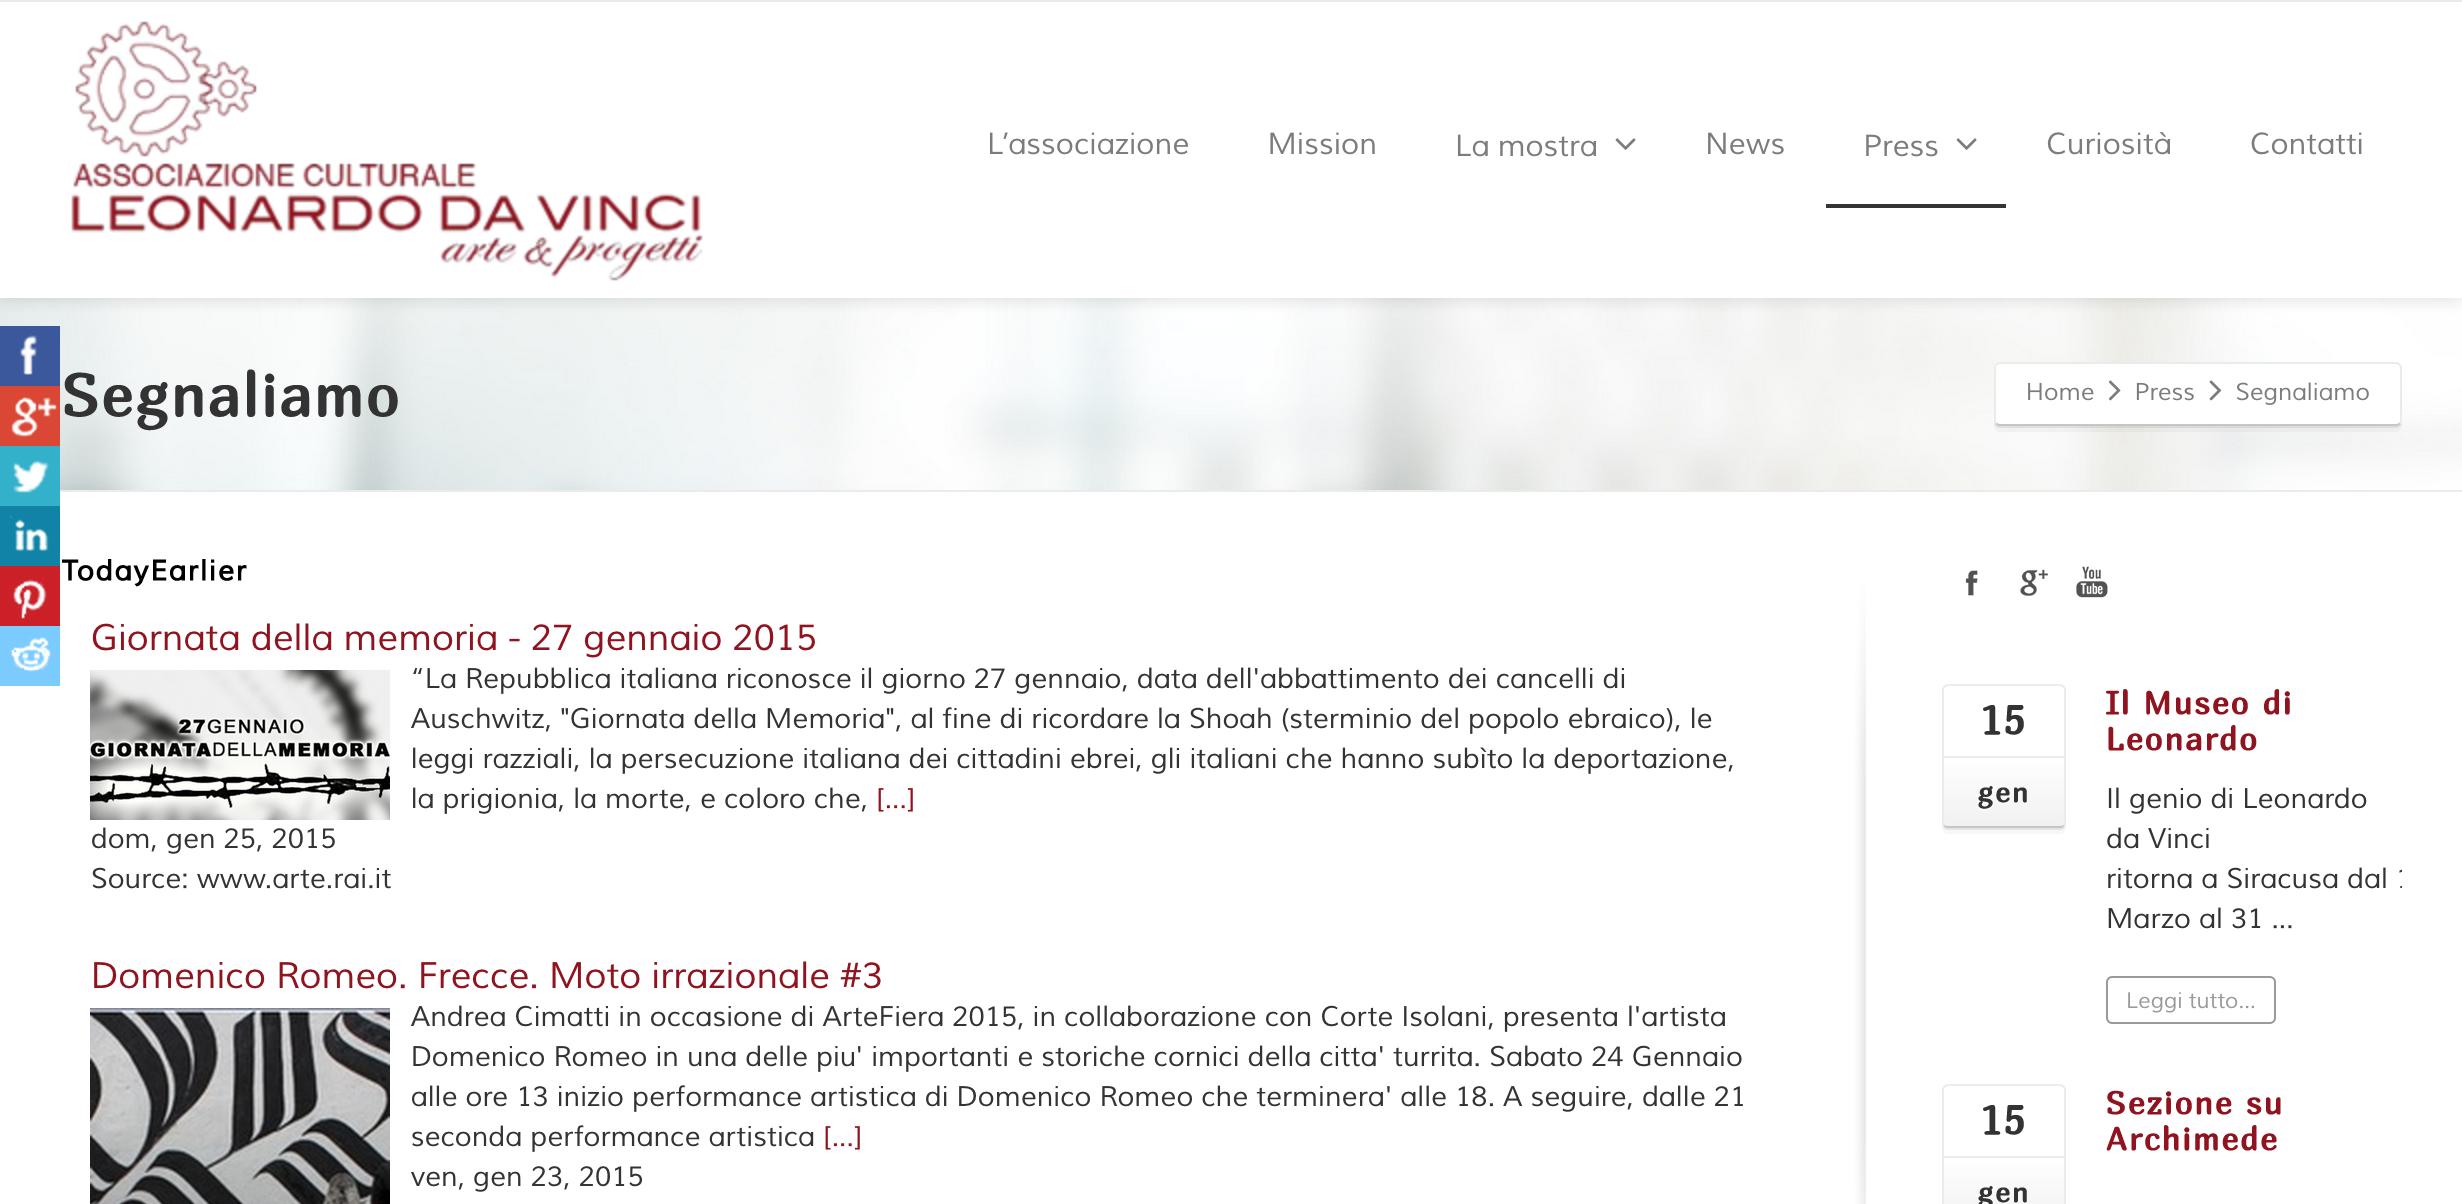 Andrea Cimatti presenta Domenico Romeo in una performance Live 14